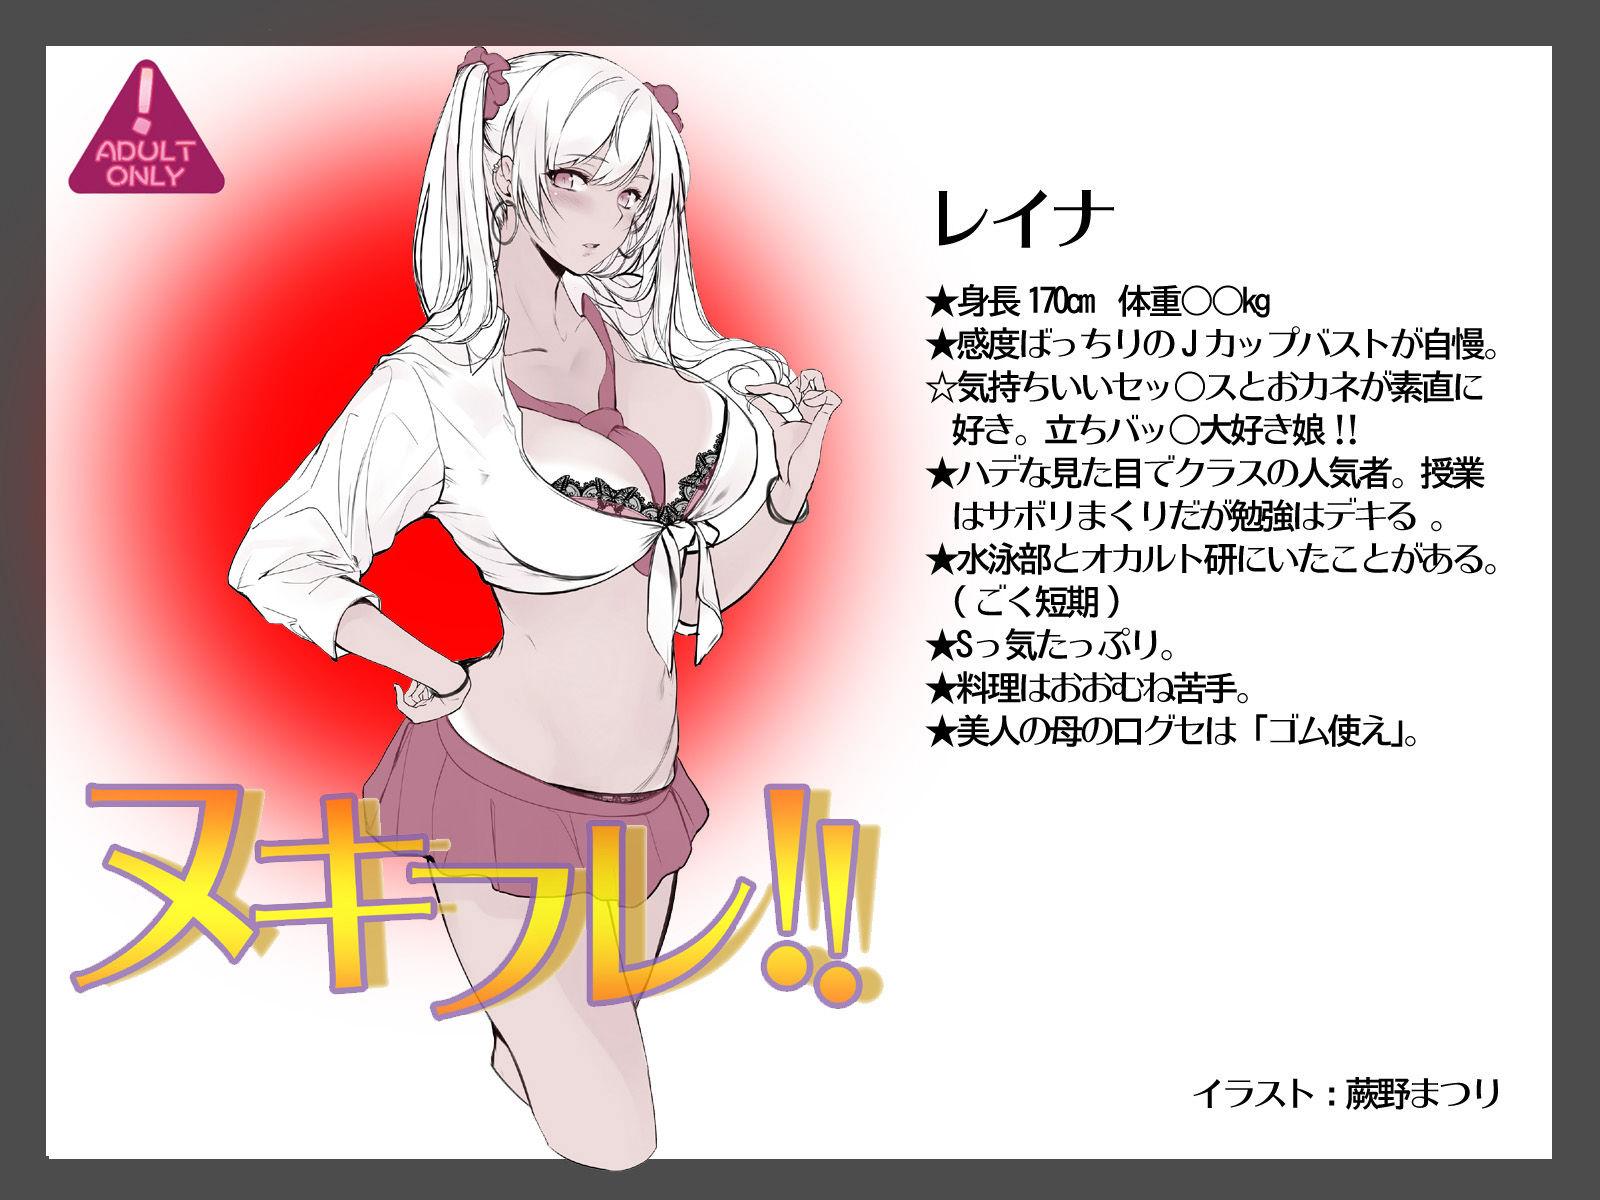 【レイナ 同人】ヌキフレ!!